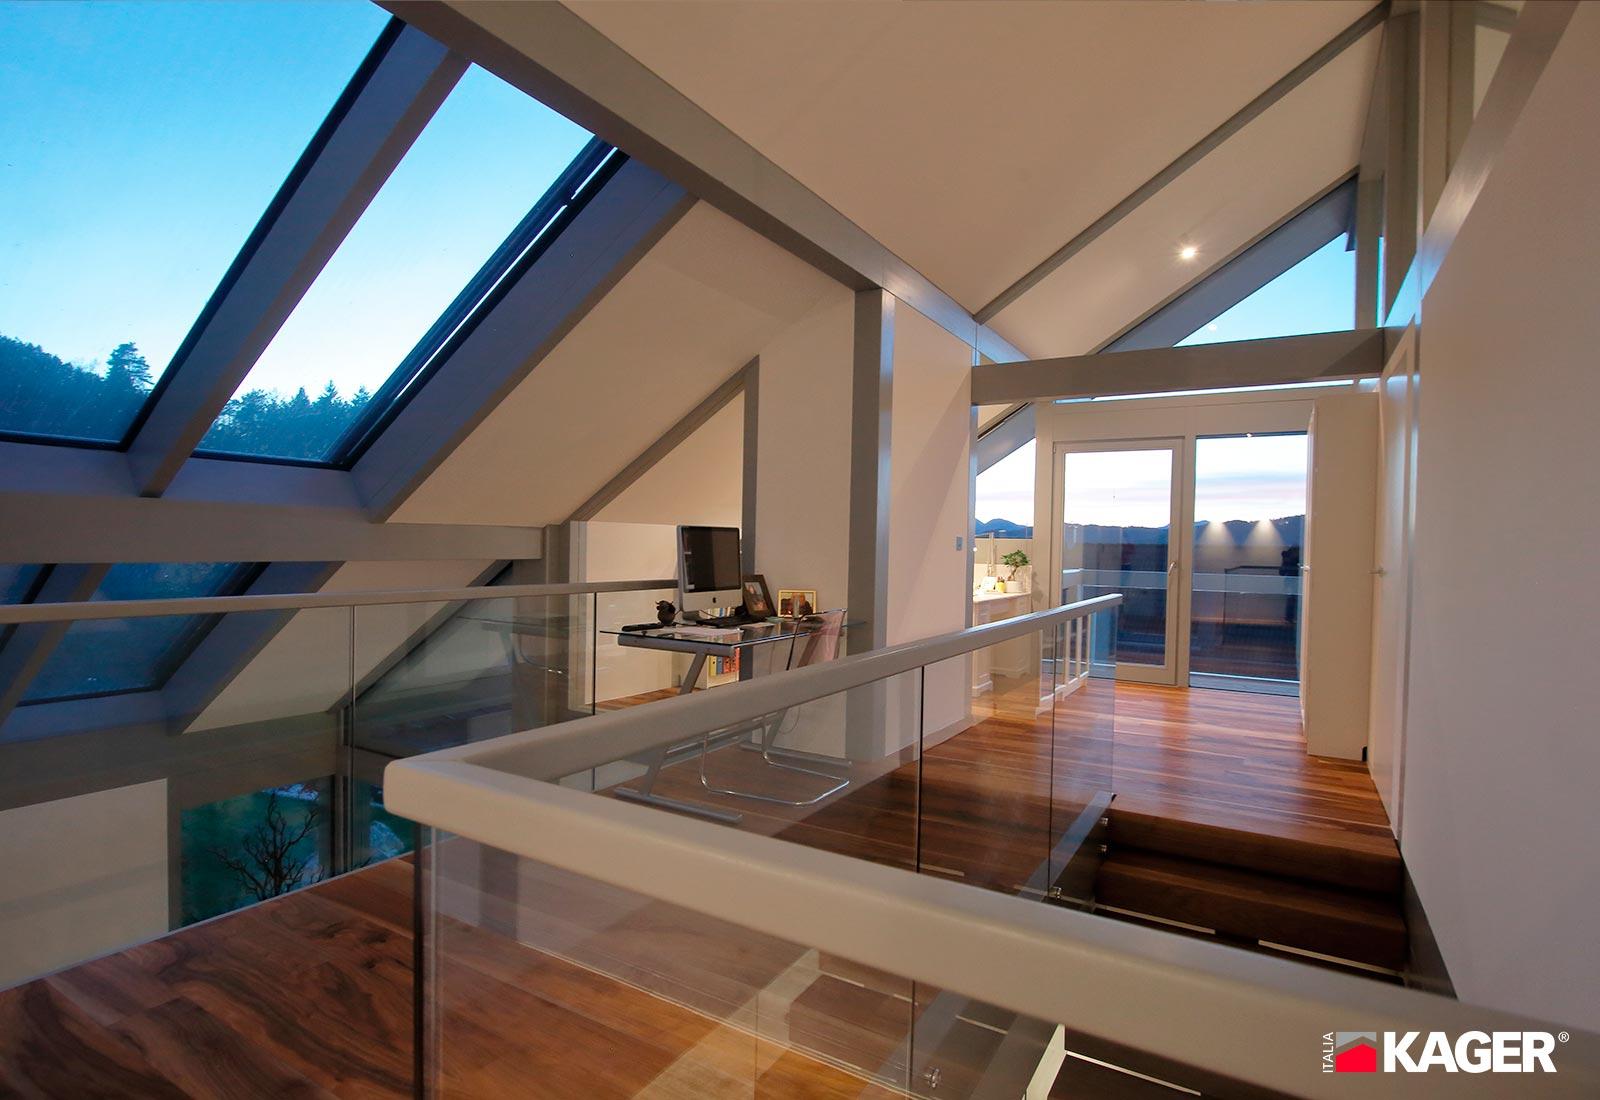 Casa-in-legno-Lubiana-2-Kager-Italia-09